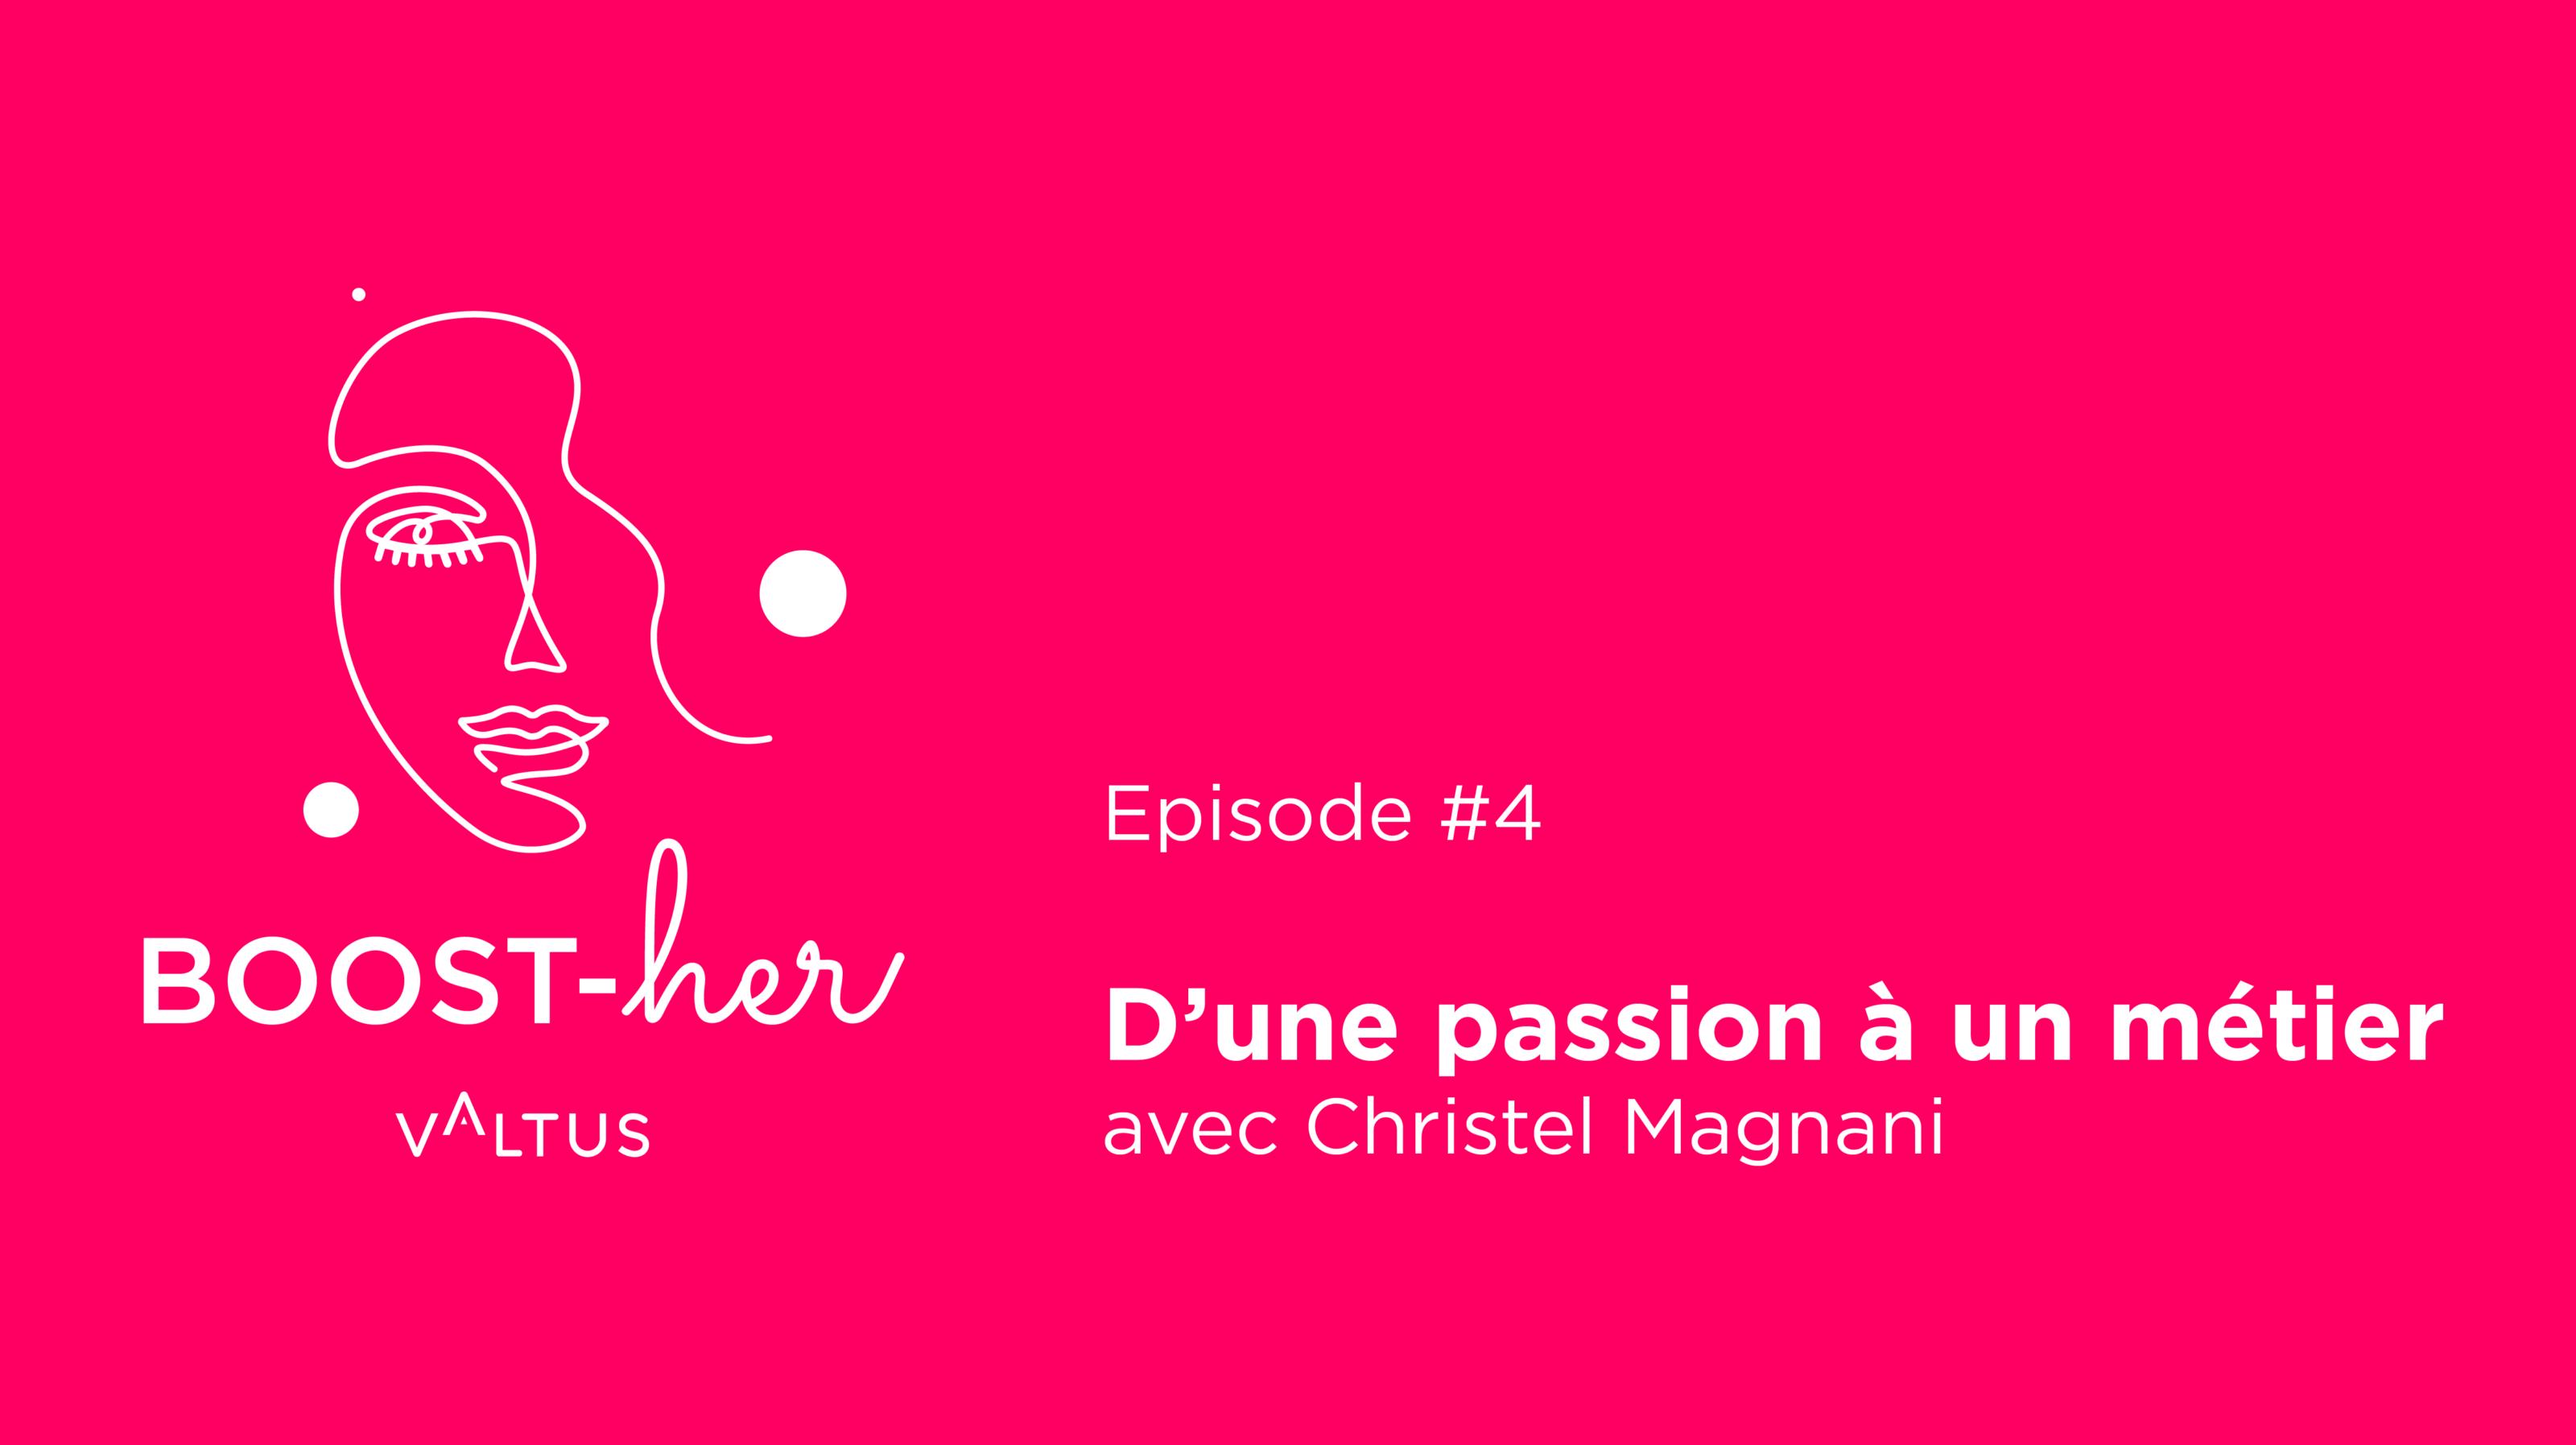 BOOST-her Episode 4 Christel Magnani, d'une passion à un métier